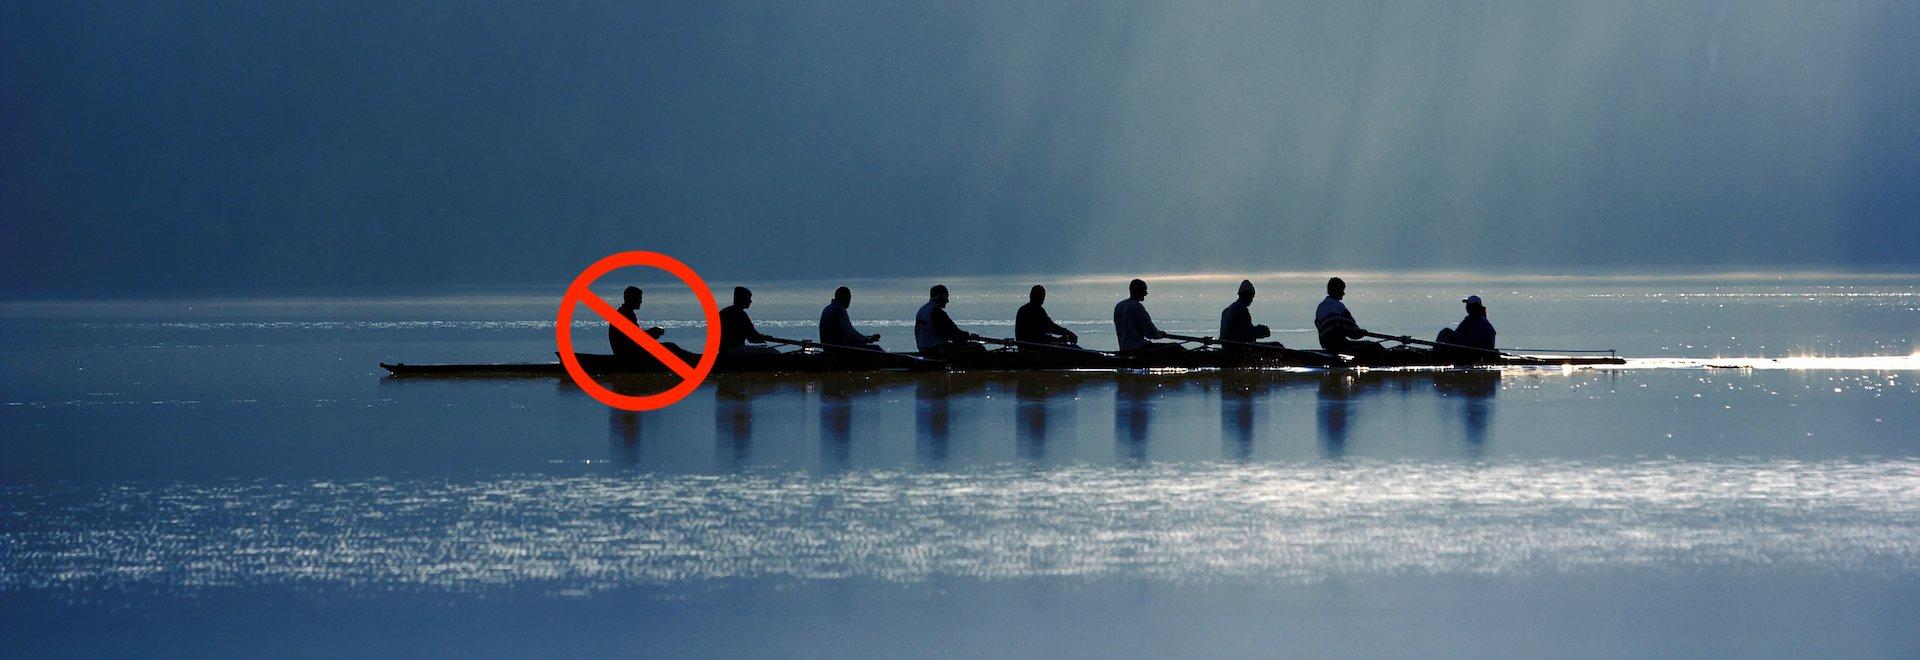 rowing rew red circle